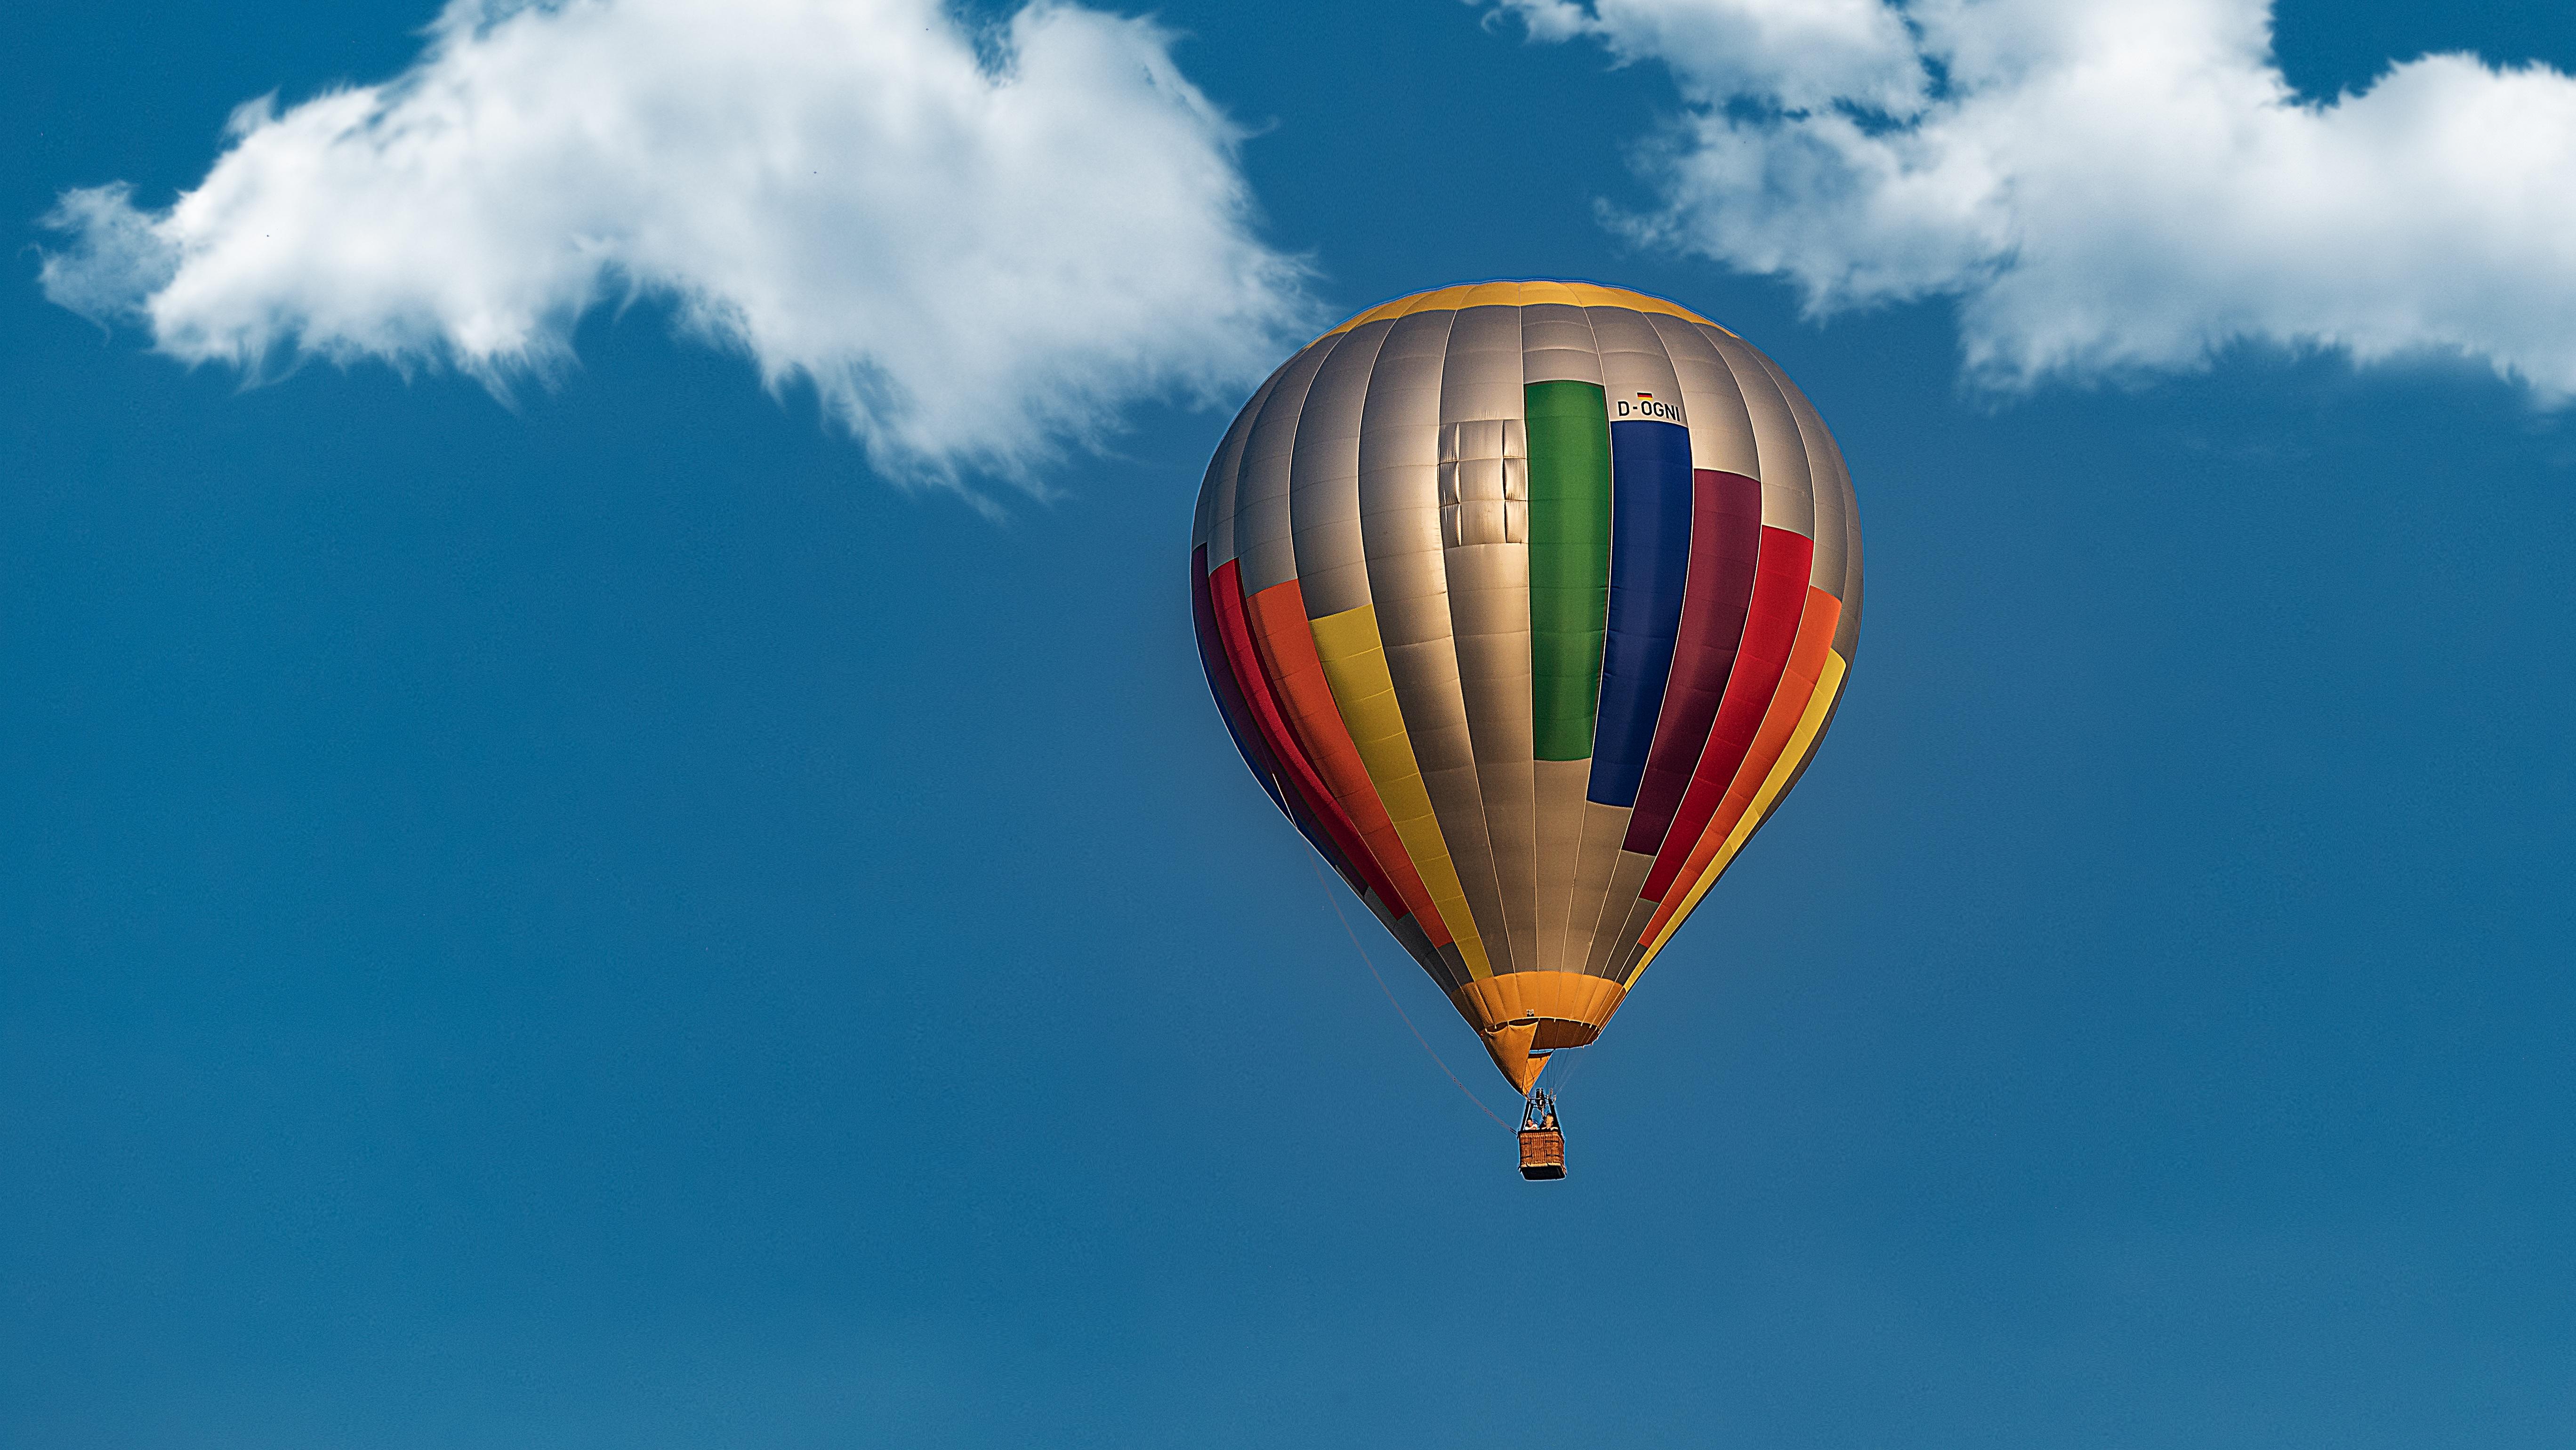 картинки на большом воздушном шаре портреты